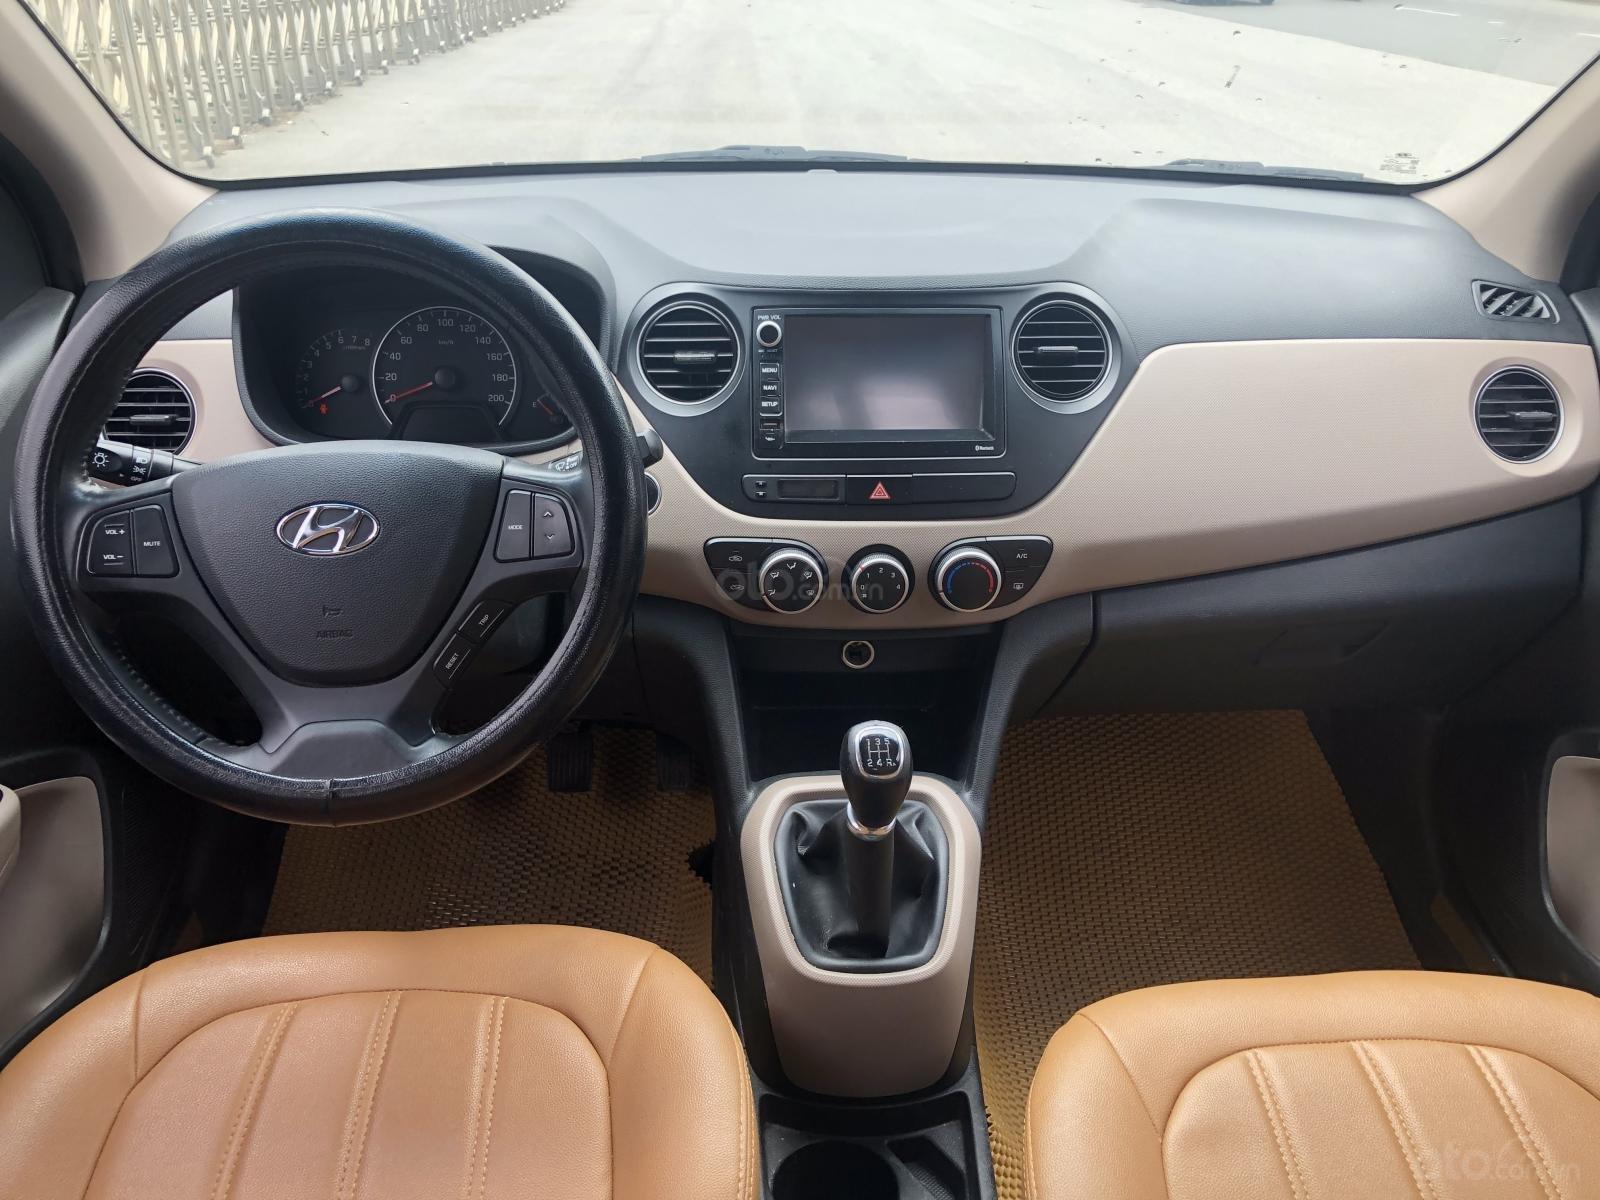 Cần bán Hyundai Grand i10 năm sản xuất 2016, màu trắng, xe nhập số sàn-9